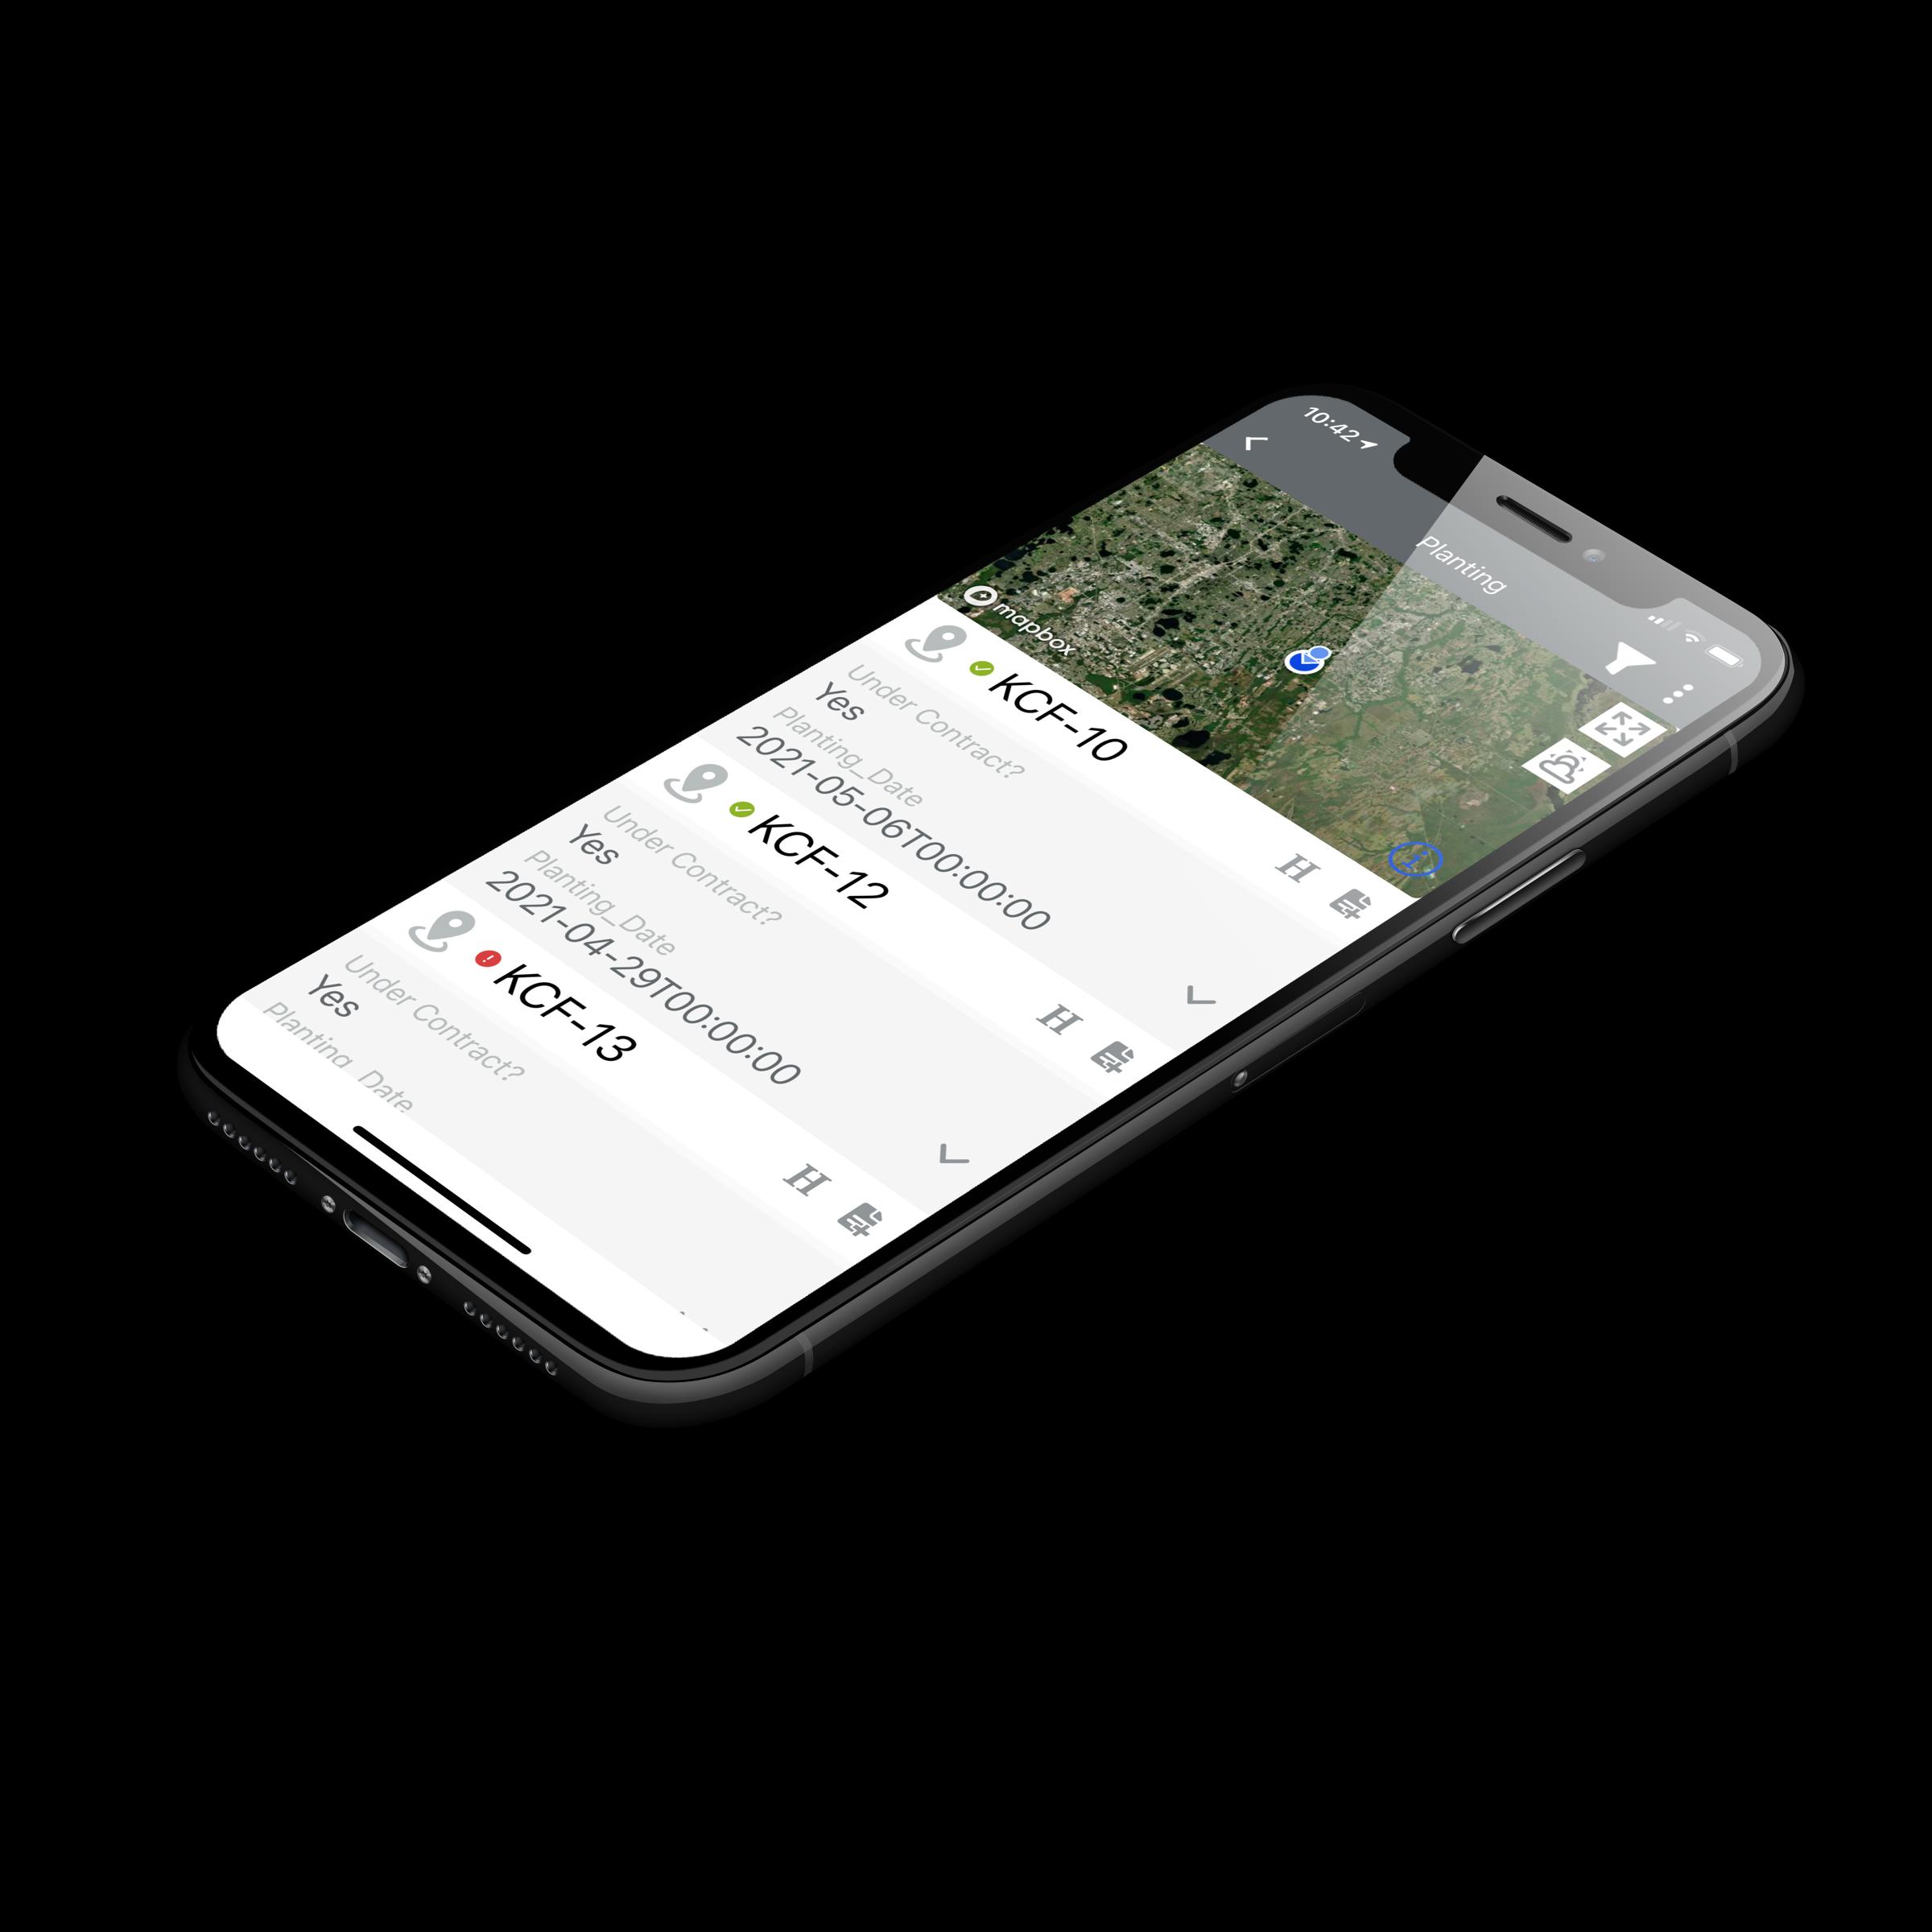 iPhone using CropTrak Worklists